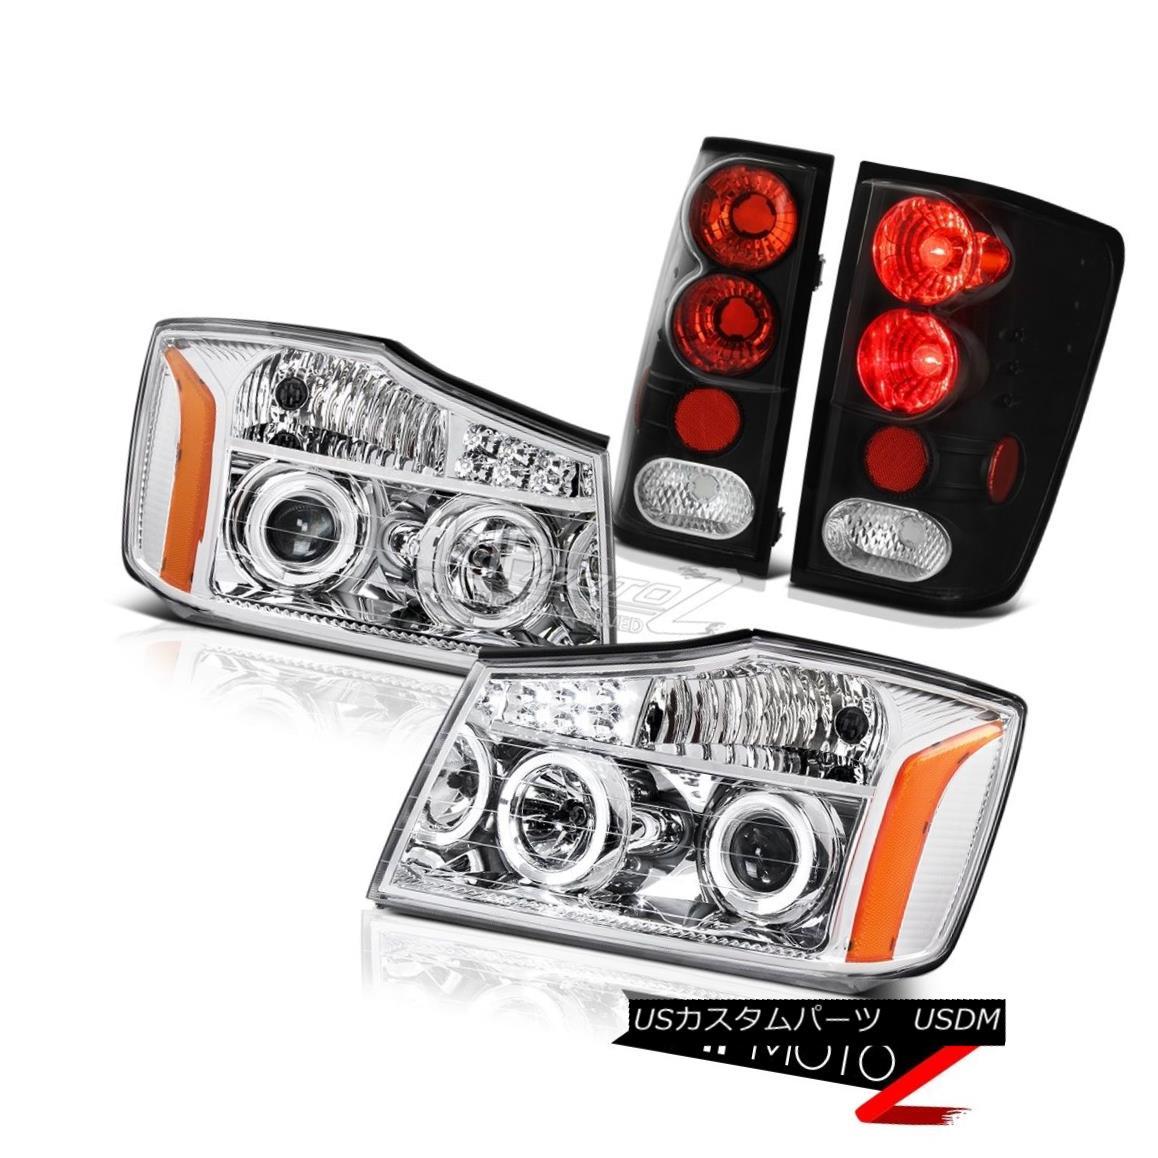 ヘッドライト For 2004-2015 Titan LE Euro L.E.D DRL Halo Headlights Signal Black Tail Lights 2004年?2015年Titan LE Euro L.E.D DRL Haloヘッドライトシグナルブラックテールライト